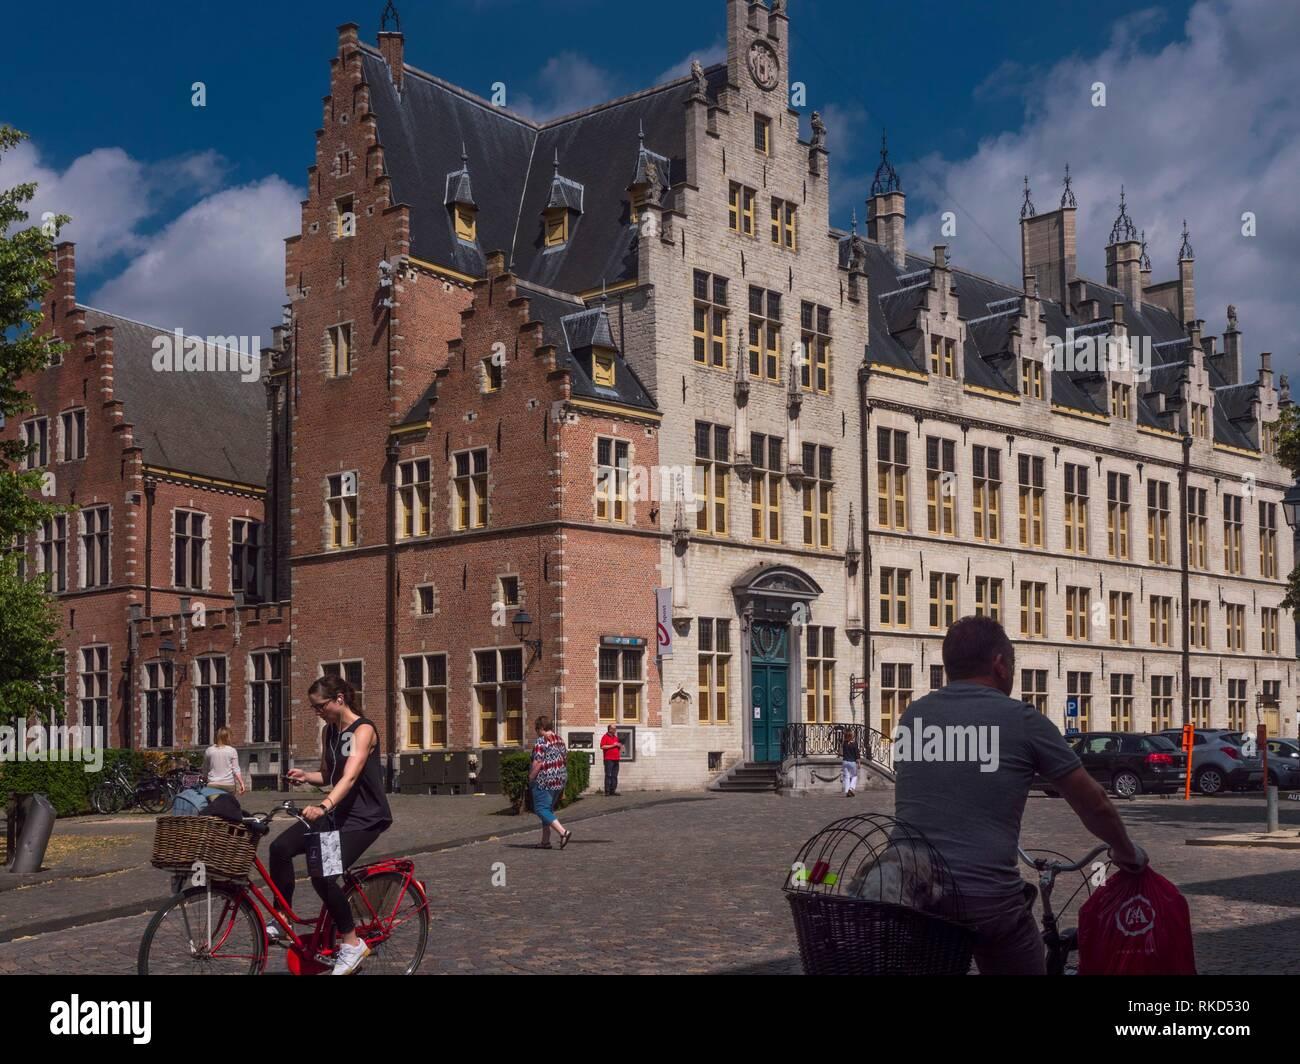 Belgium-Mechelen. Mechelen (Französisch: Malines, traditionelle englische Name: mecheln) ist eine Stadt in der Provinz Antwerpen, Flandern, Stockbild